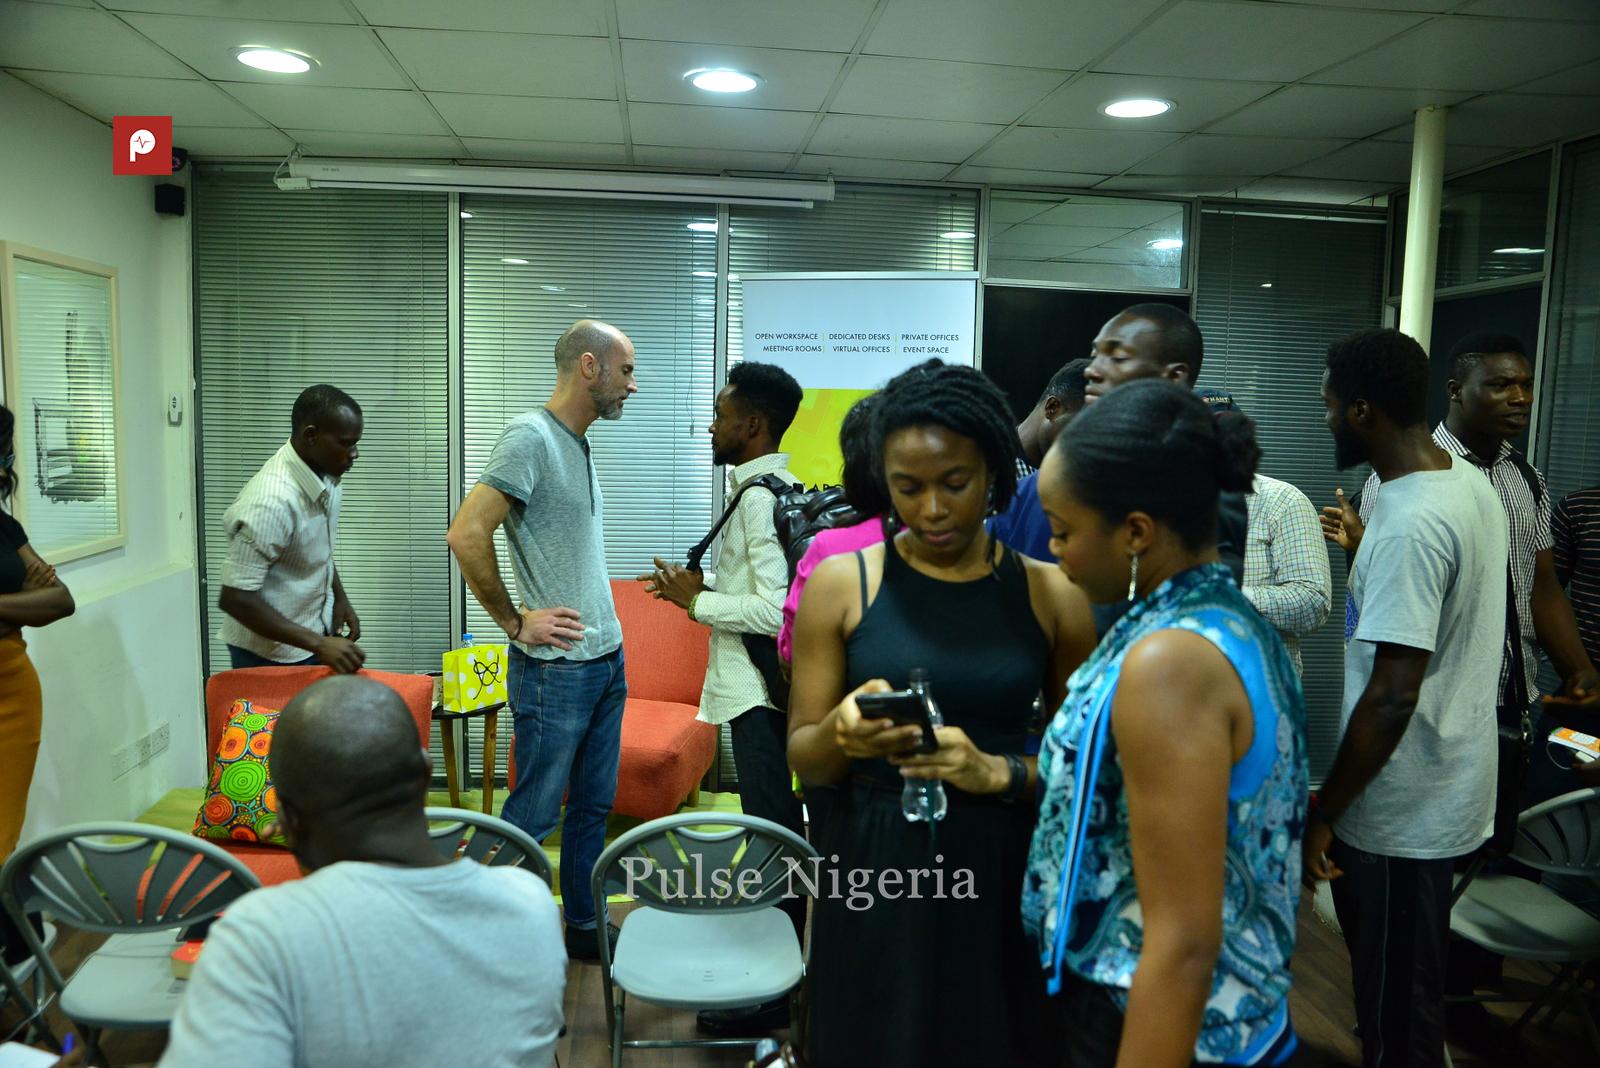 Lagos Startup Week - Scaling you business through creative thinking (51).jpg